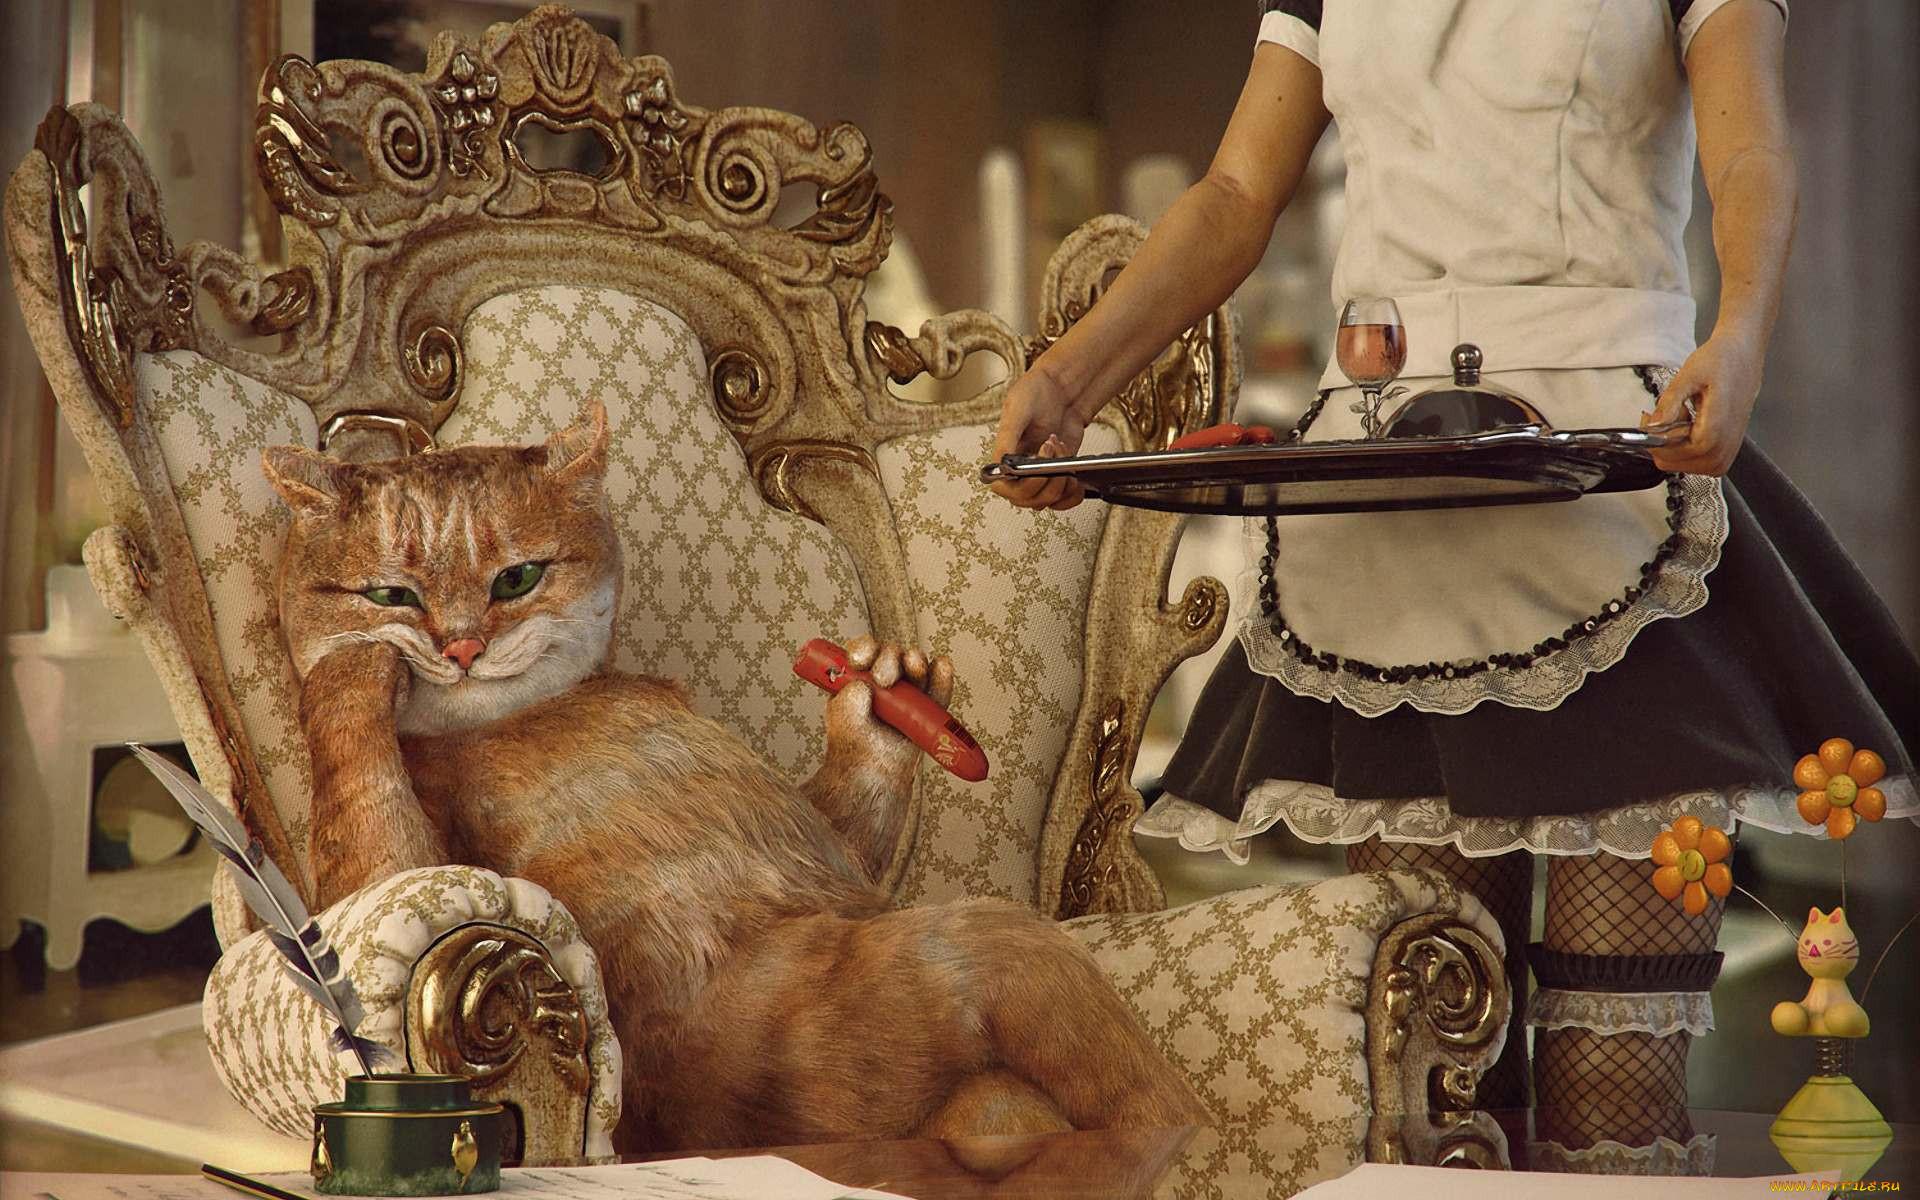 юмор и приколы, кот, кресло, горничная